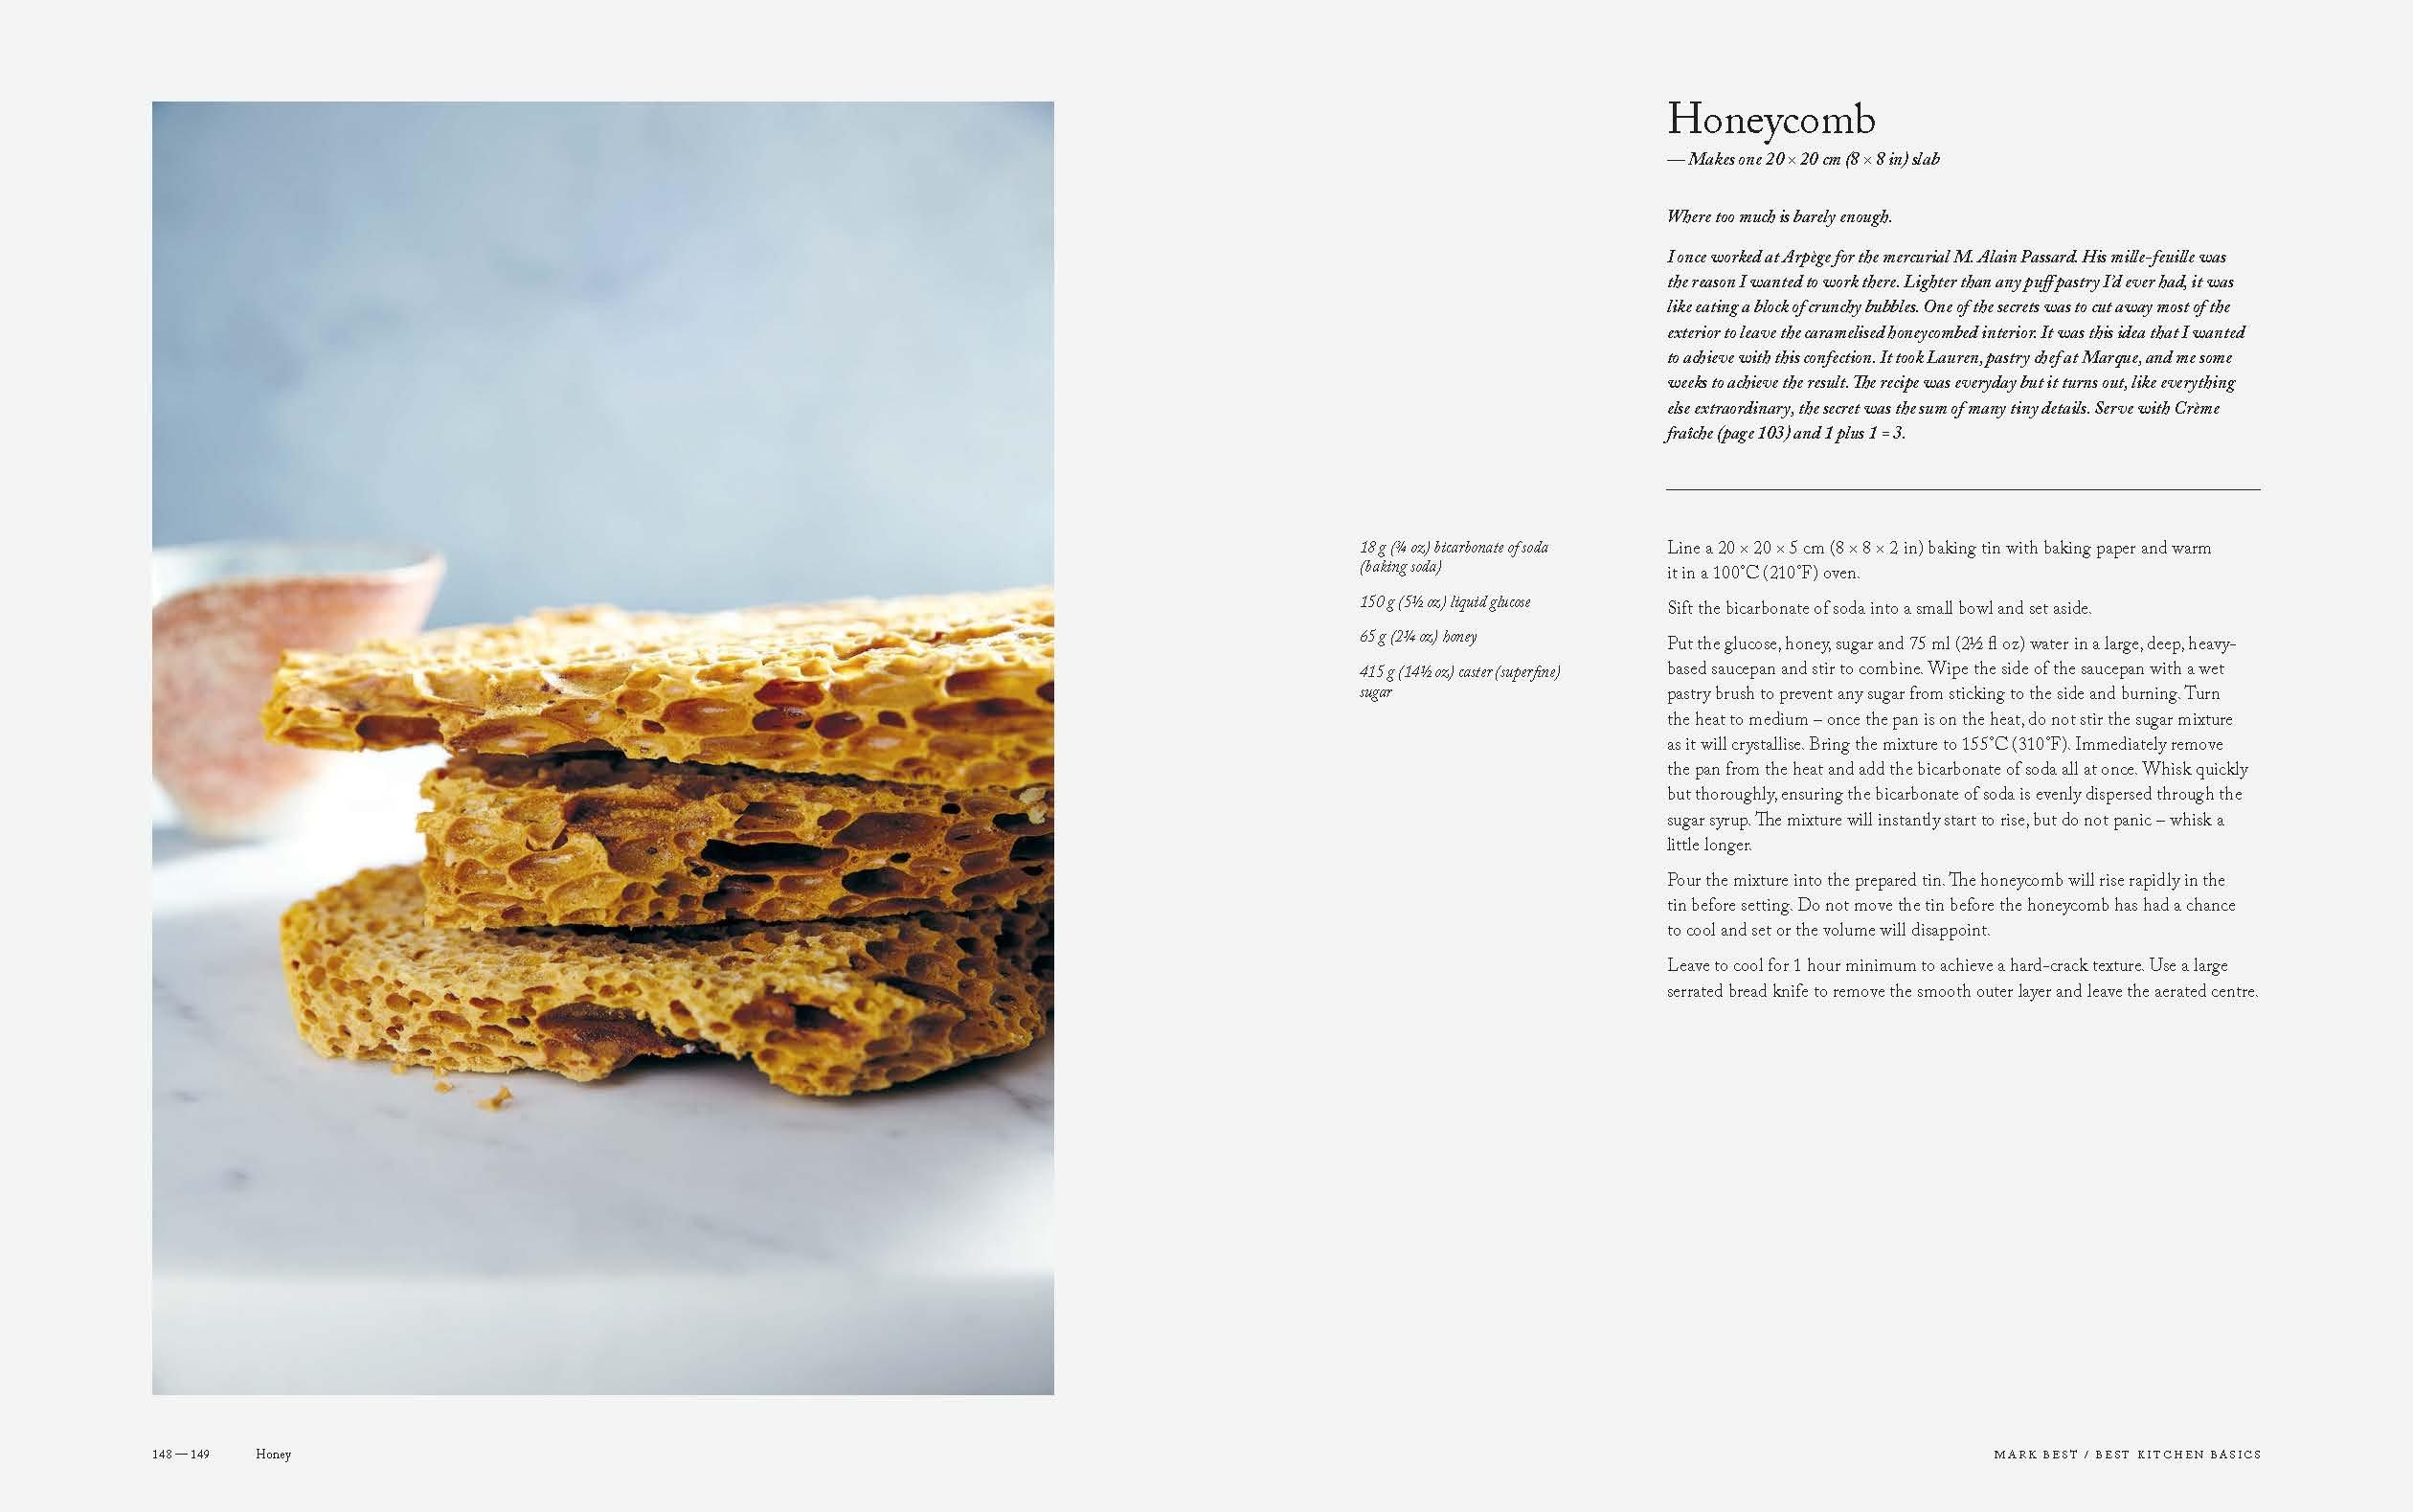 best kitchen basics a chefs compendium for home mark best 9781742709802 amazoncom books - Kitchen Basics